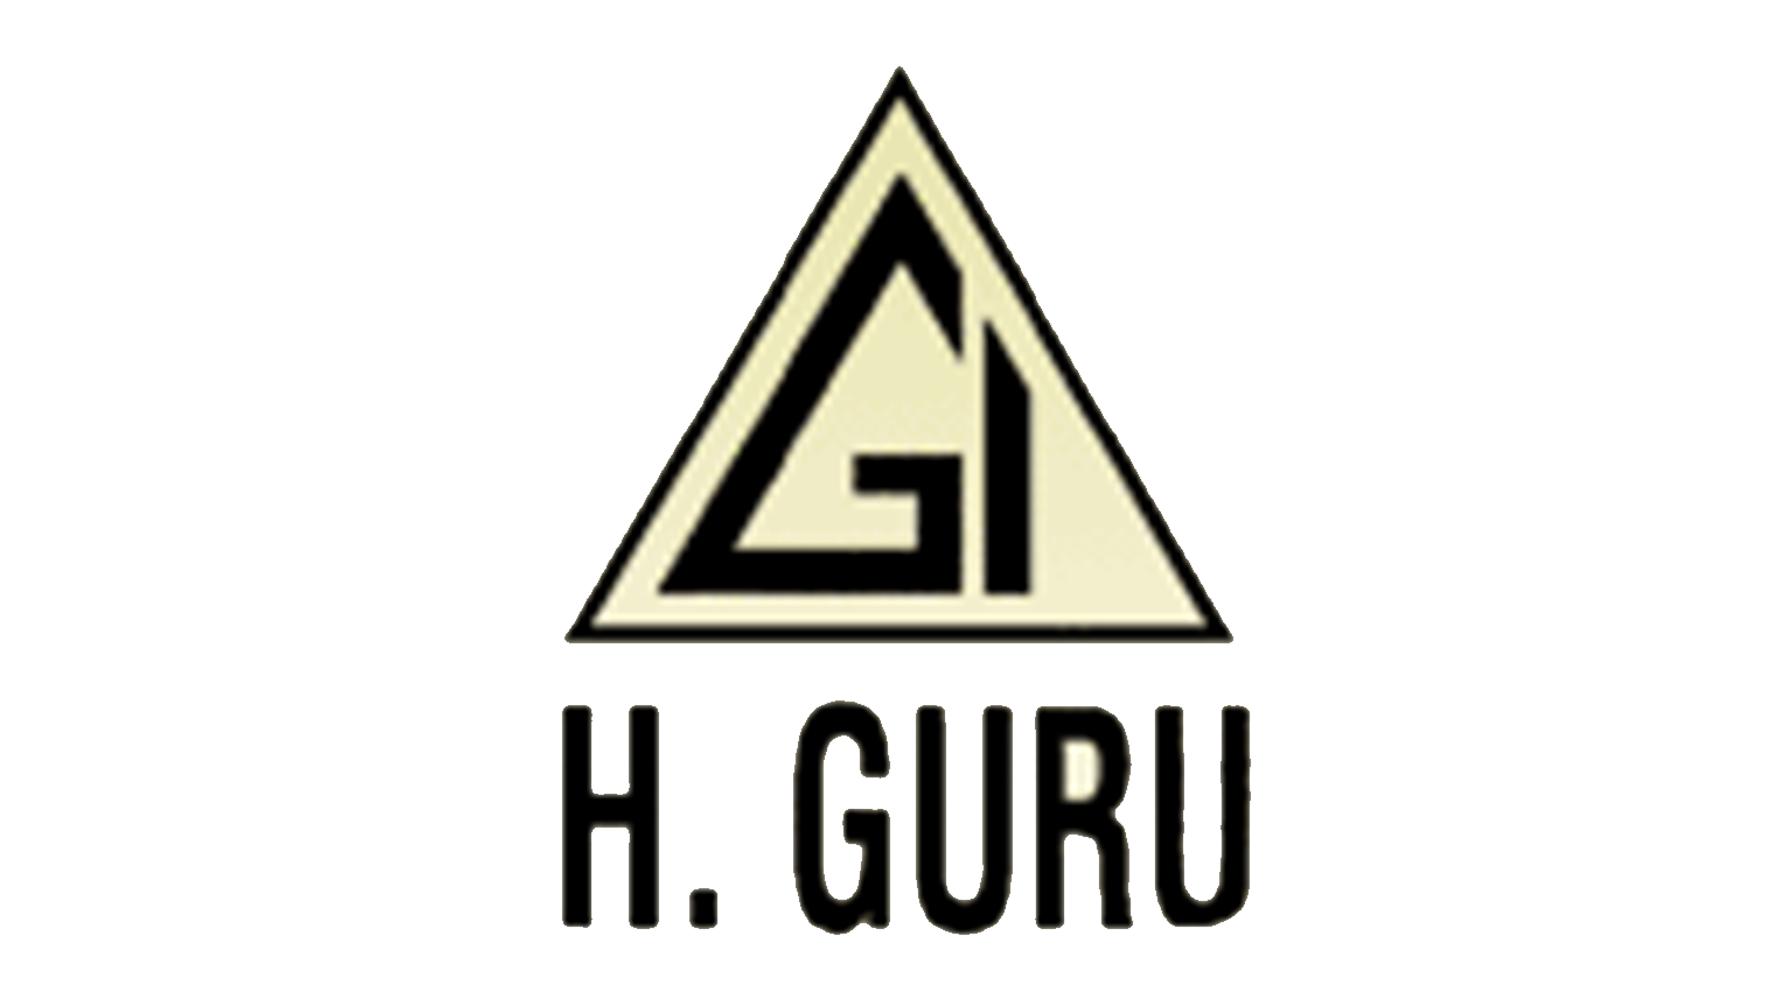 H Guru